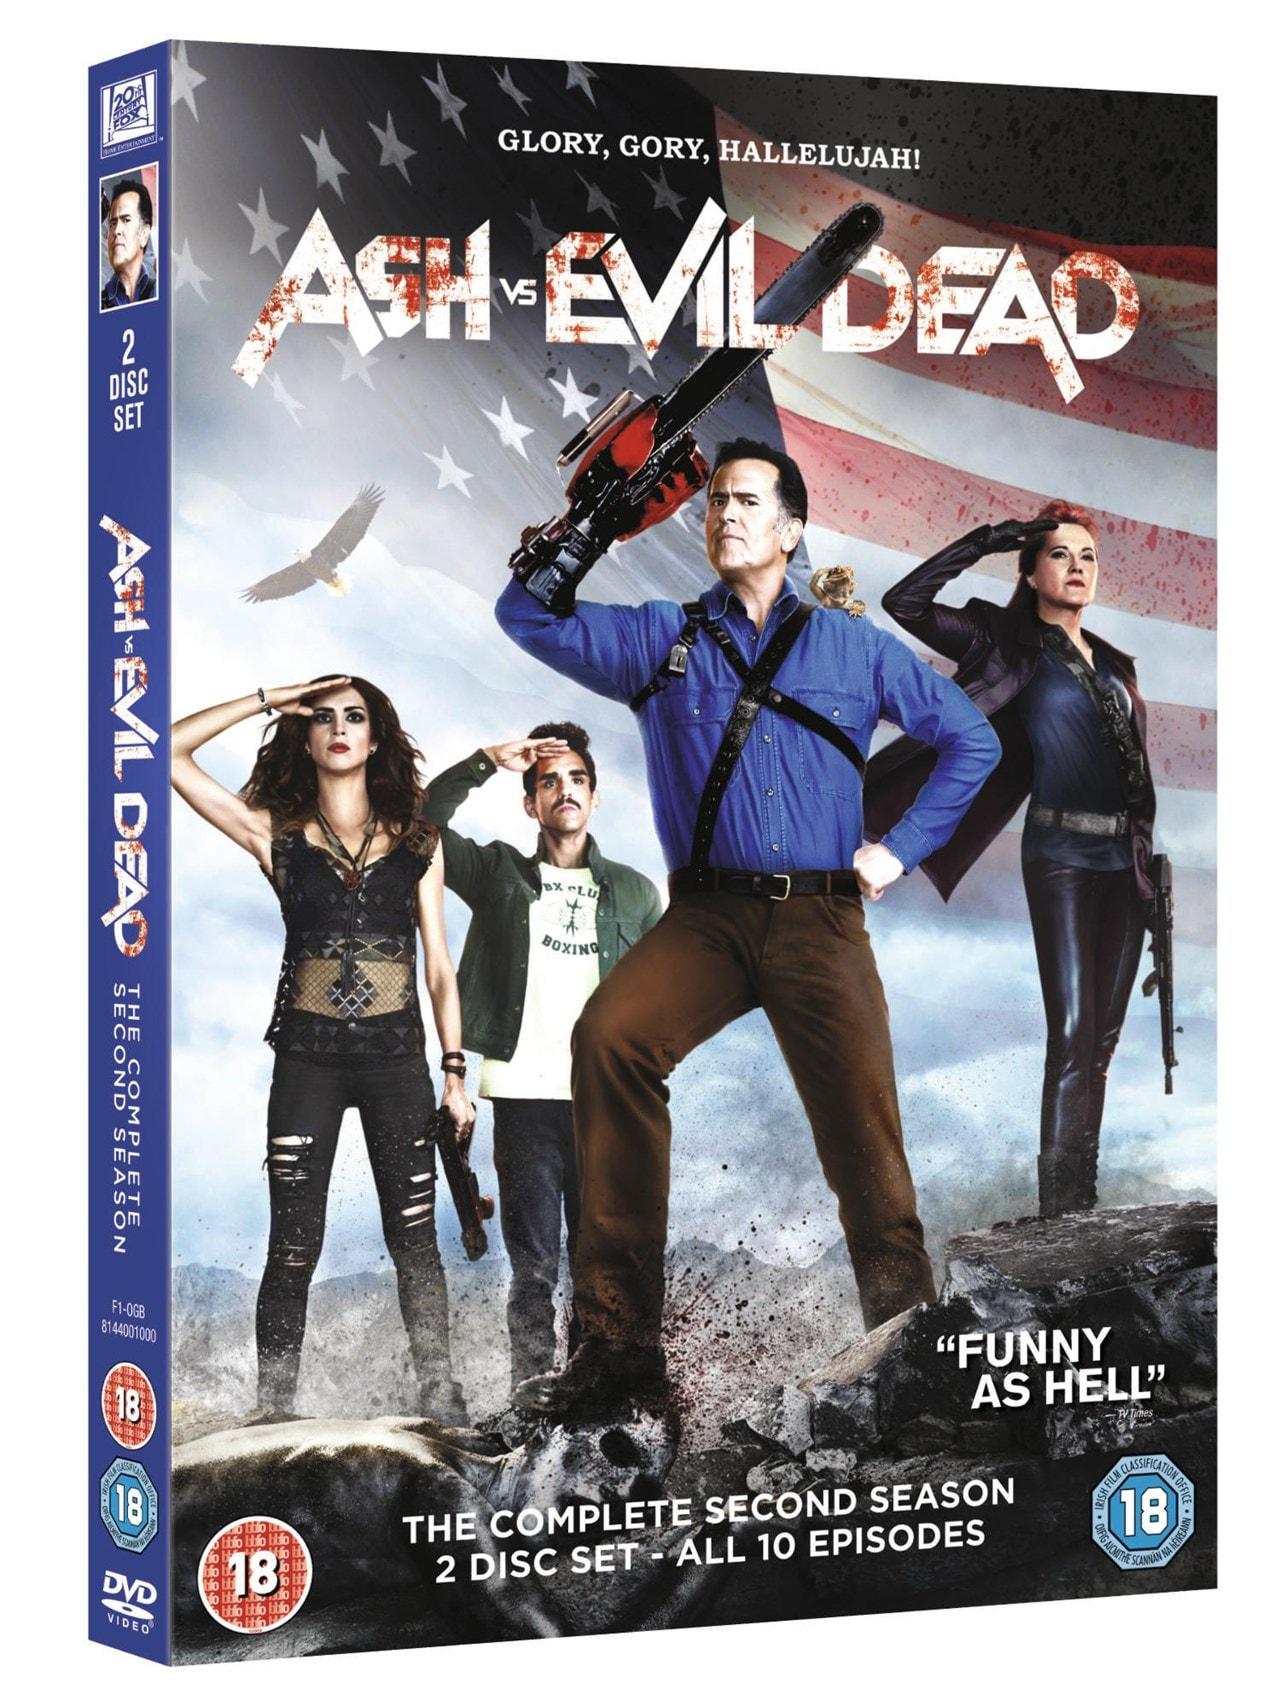 Ash Vs Evil Dead: The Complete Second Season - 2